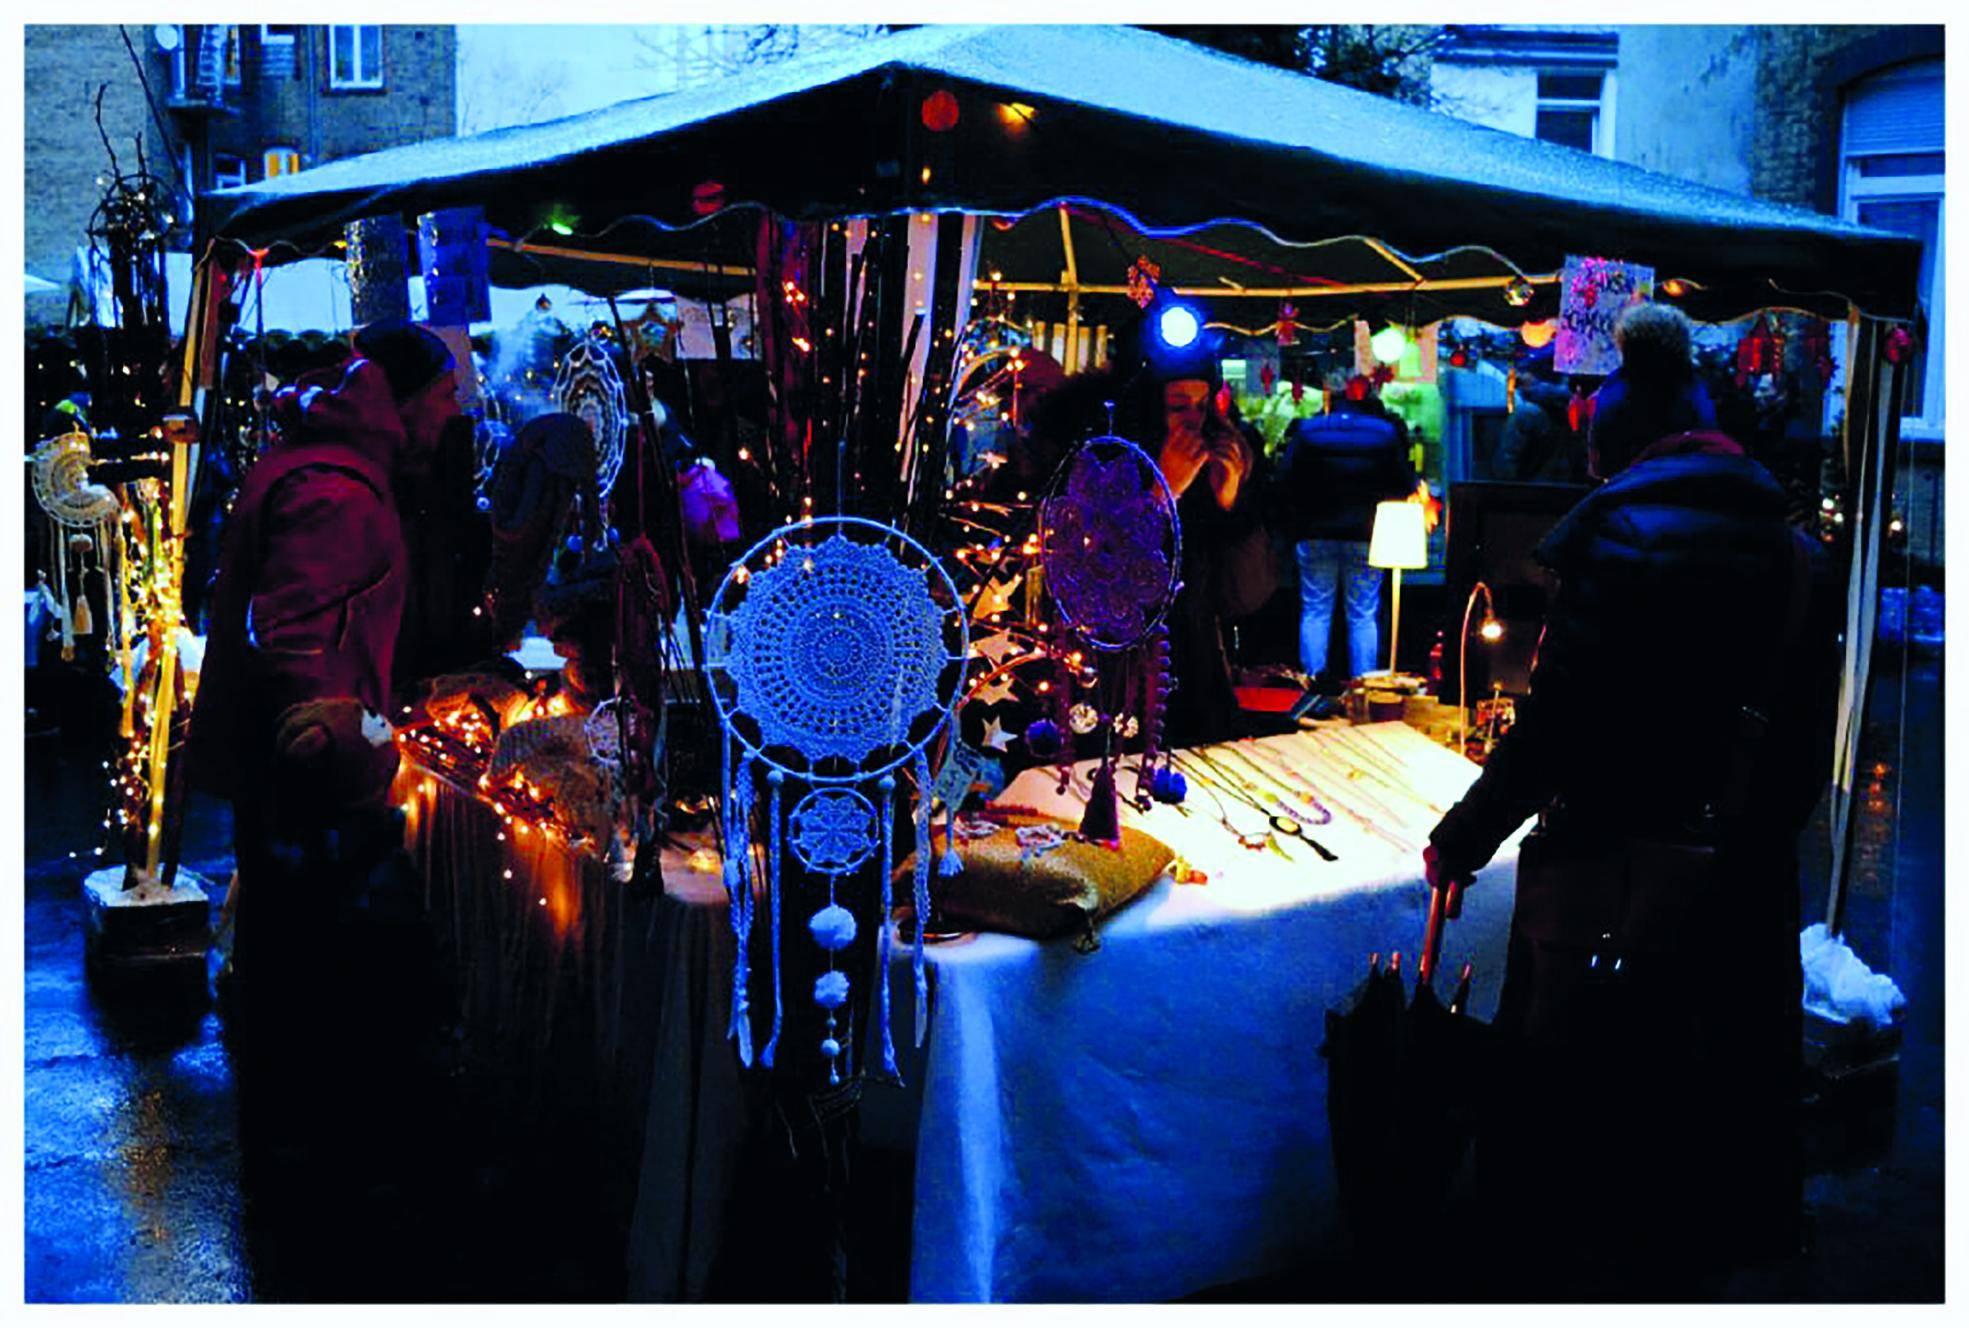 Weihnachtsmarkt Im Hinterhof Des Zietenrings 6